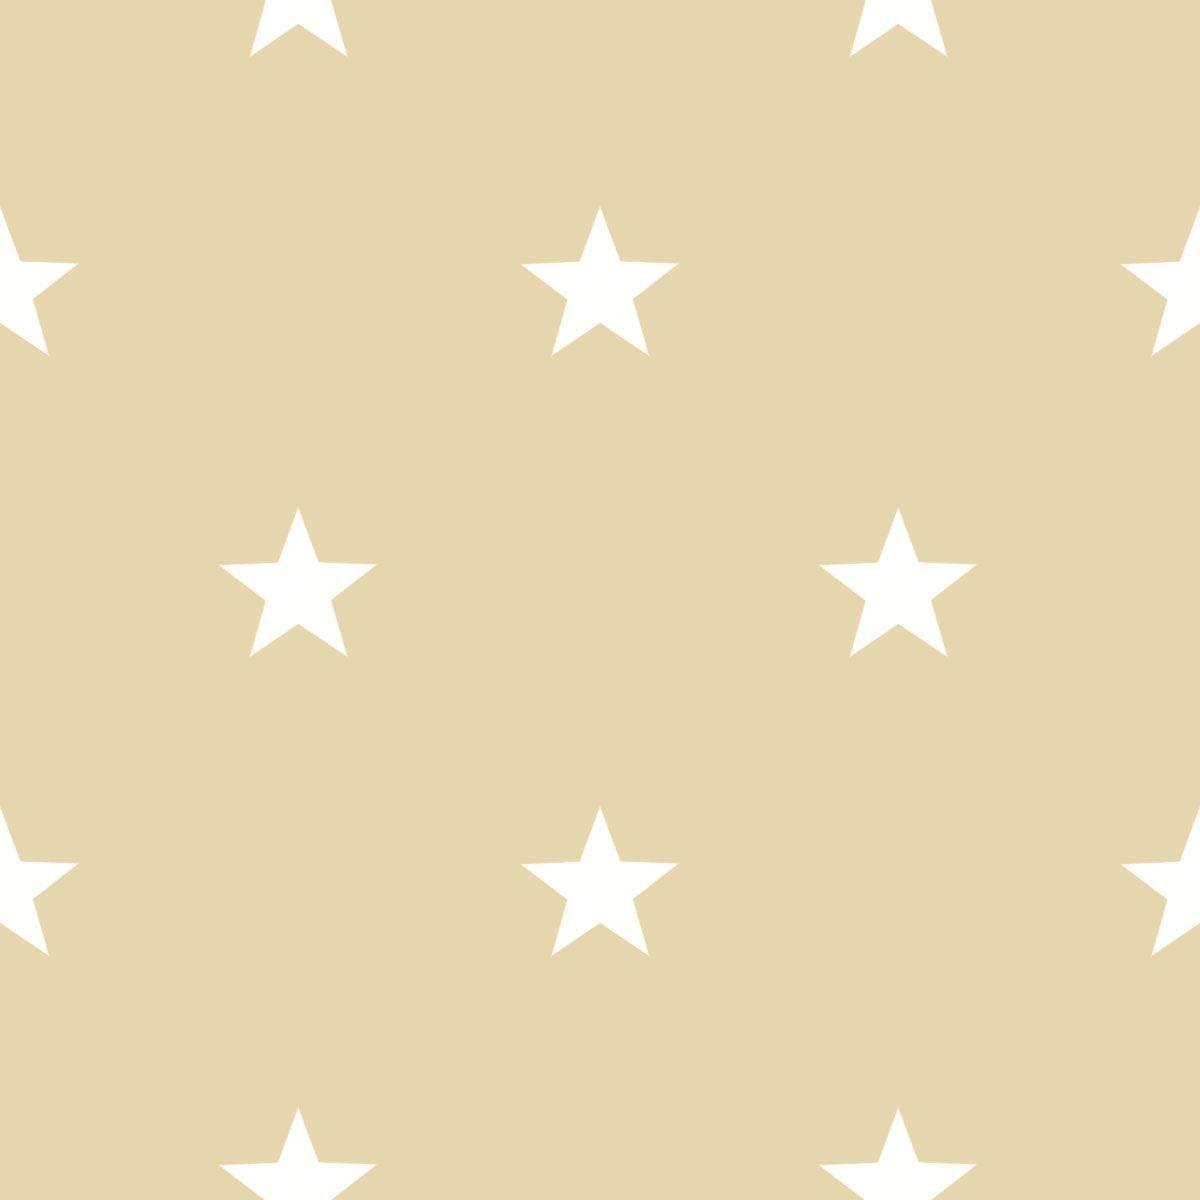 Papel de Parede Favola 3240 Italy - Rolo: 10m x 0,53m